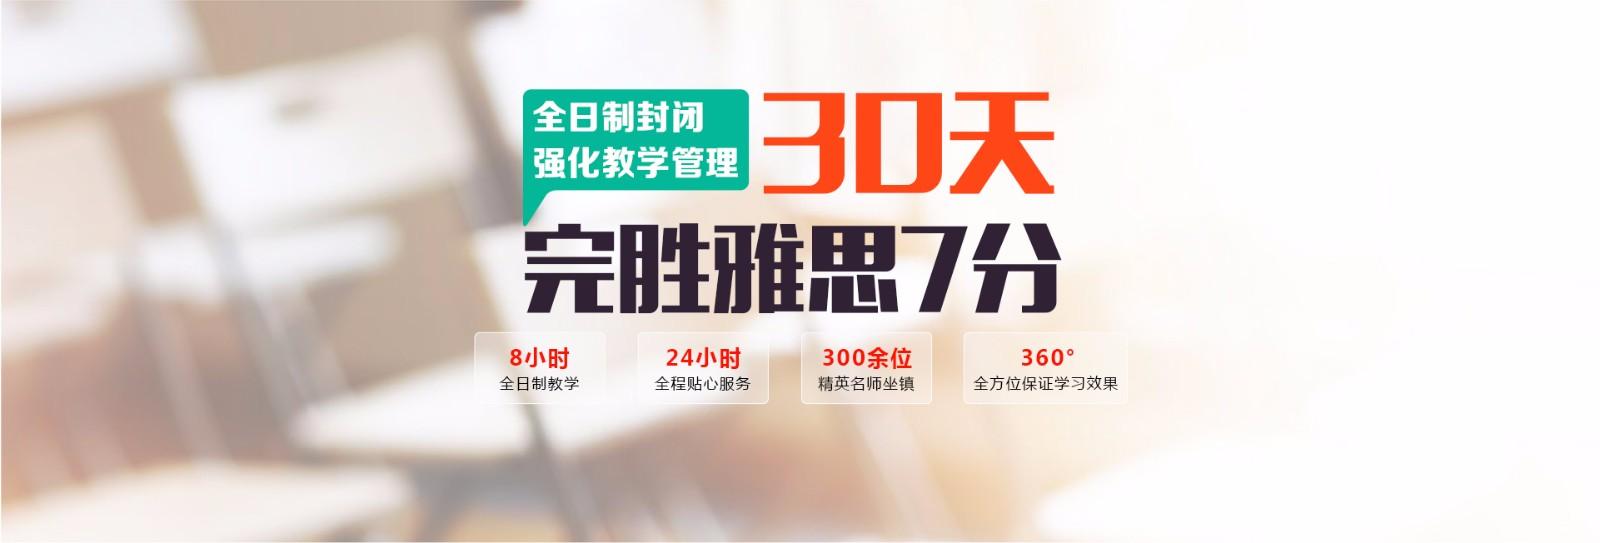 广州寒假雅思|写作如何突破基础分数6分|广州雅思英语学校